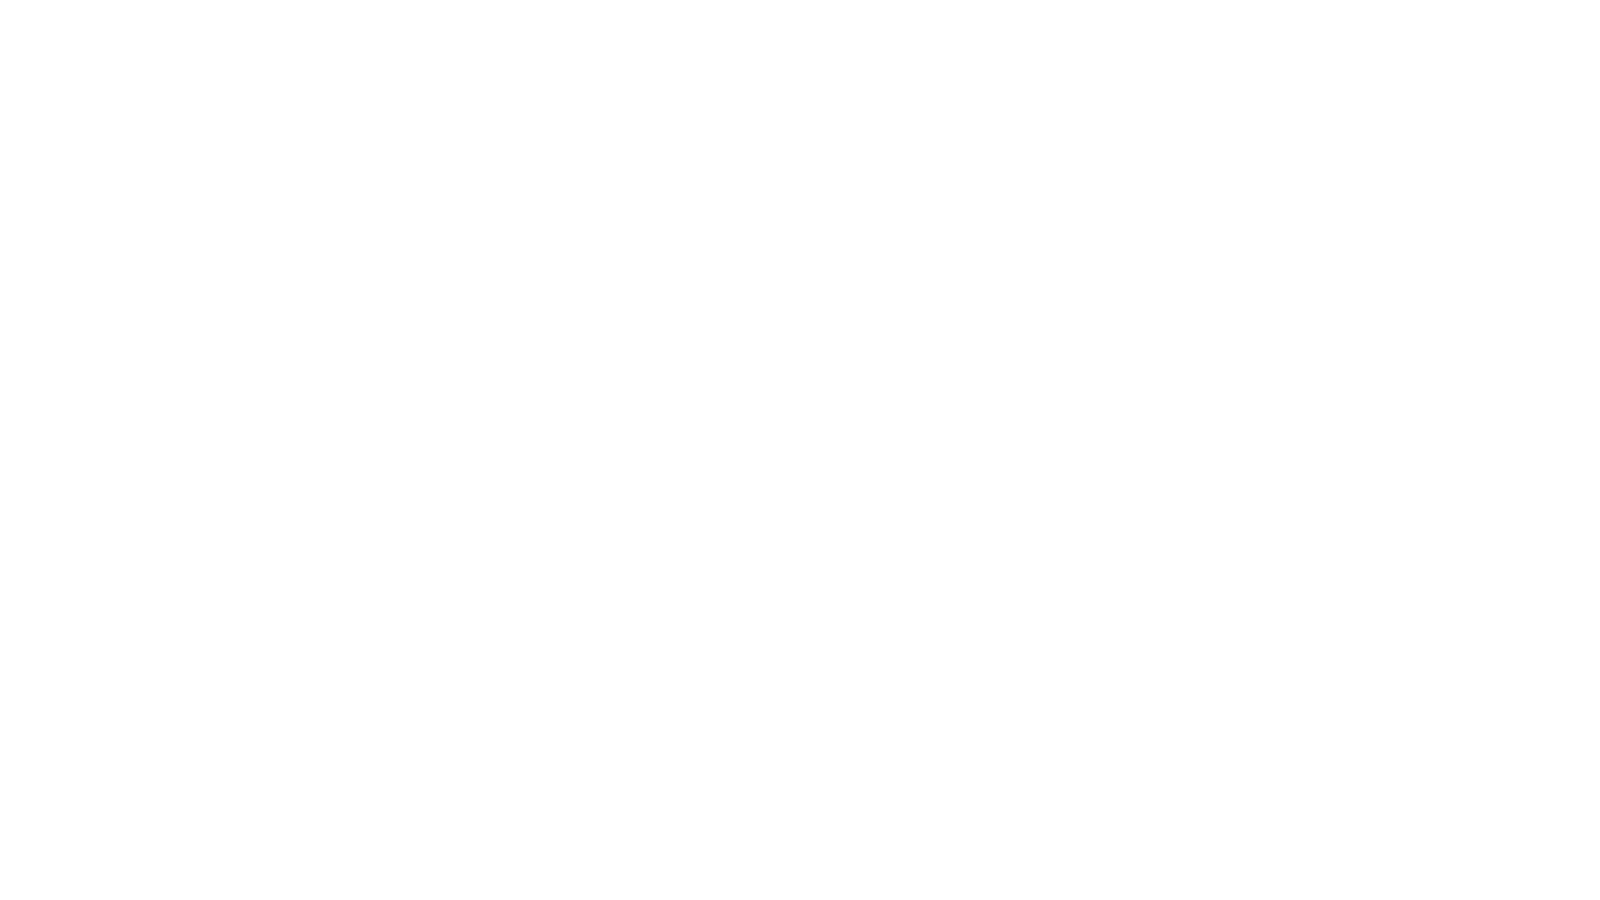 ★★★★★★★★★★★★★★★★★★★★★  イヴ・サンローラン・ボーテでアイテムを探しているなら、「ベビードール キッス&ブラッシュ」「リキッドクチュール アイライナー」がイチオシ♪    落ちにくい・にじみにくい「スマッジプルーフタイプ」のアイライナーなので、こすっても強い!!   DETAIL:https://clip-clip.jp/archives/19254   《MEDIA》  CLIP'CLIP:https://clip-clip.jp/  Instagram:https://www.instagram.com/clipclip_hiroko/  Twitter:https://twitter.com/clip_hiroko    #YSL #メイク #リップ #アイライナー ★★★★★★★★★★★★★★★★★★★★★